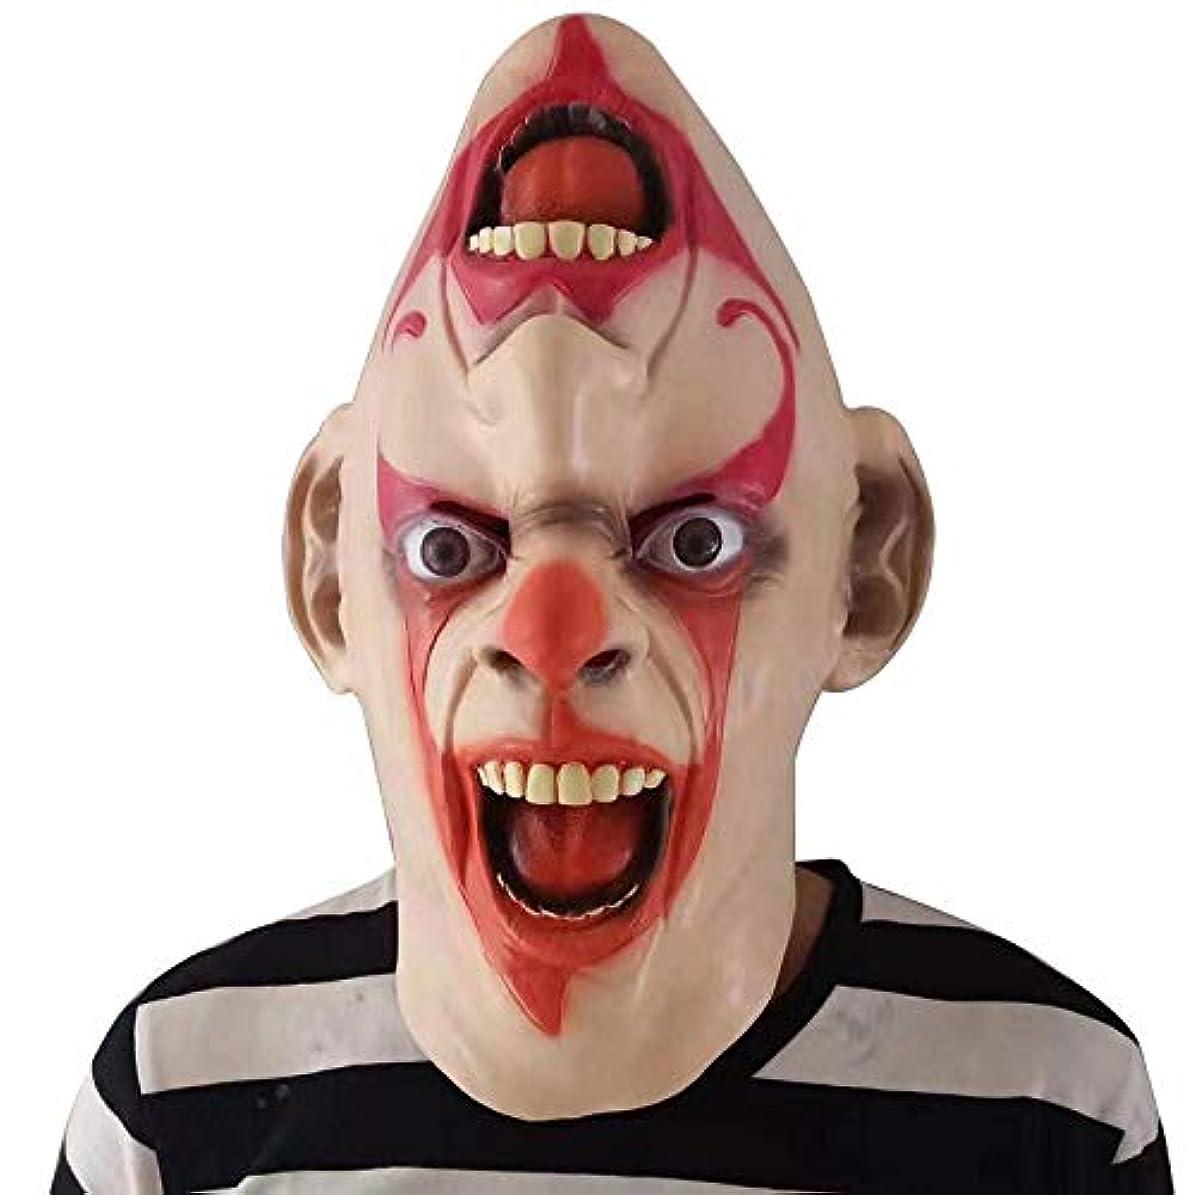 同意する同意するビーズホラーダウンピエロはハロウィーンカーニバルラテックスヘッドセットお化け屋敷シークレットルーム小道具の装飾デザインマスク